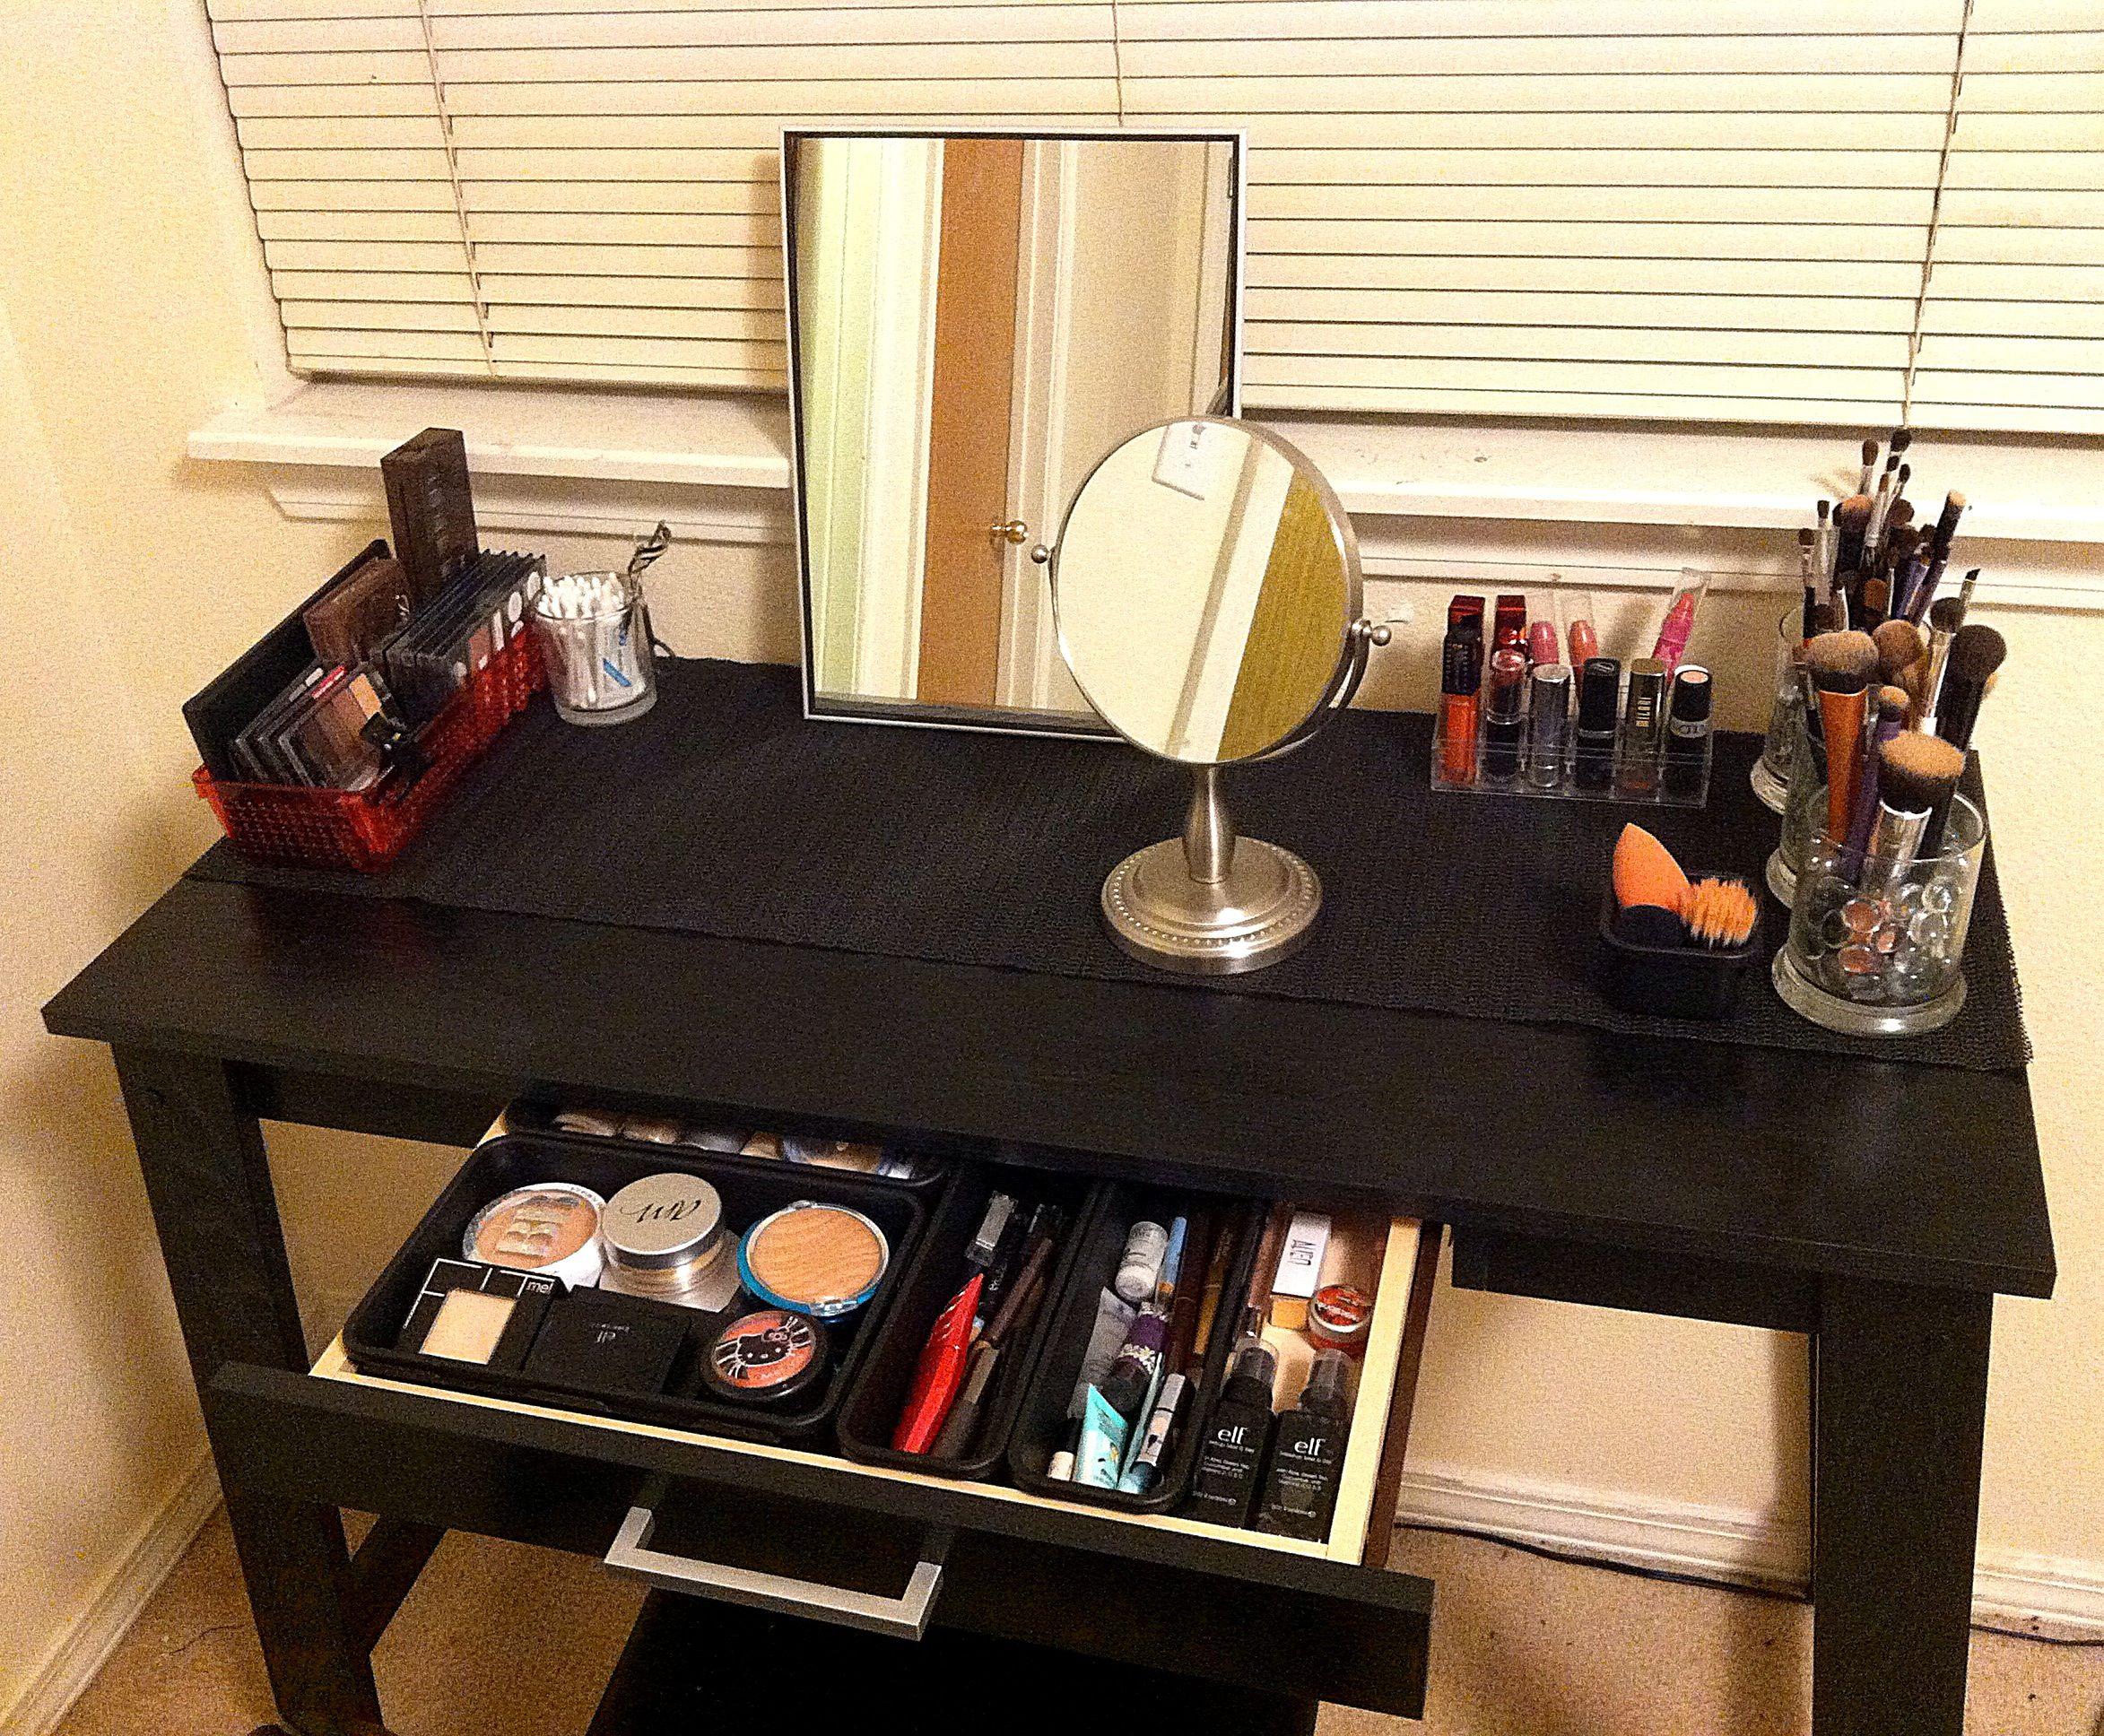 DIY Makeup or Vanity Table Under 100 Diy vanity mirror